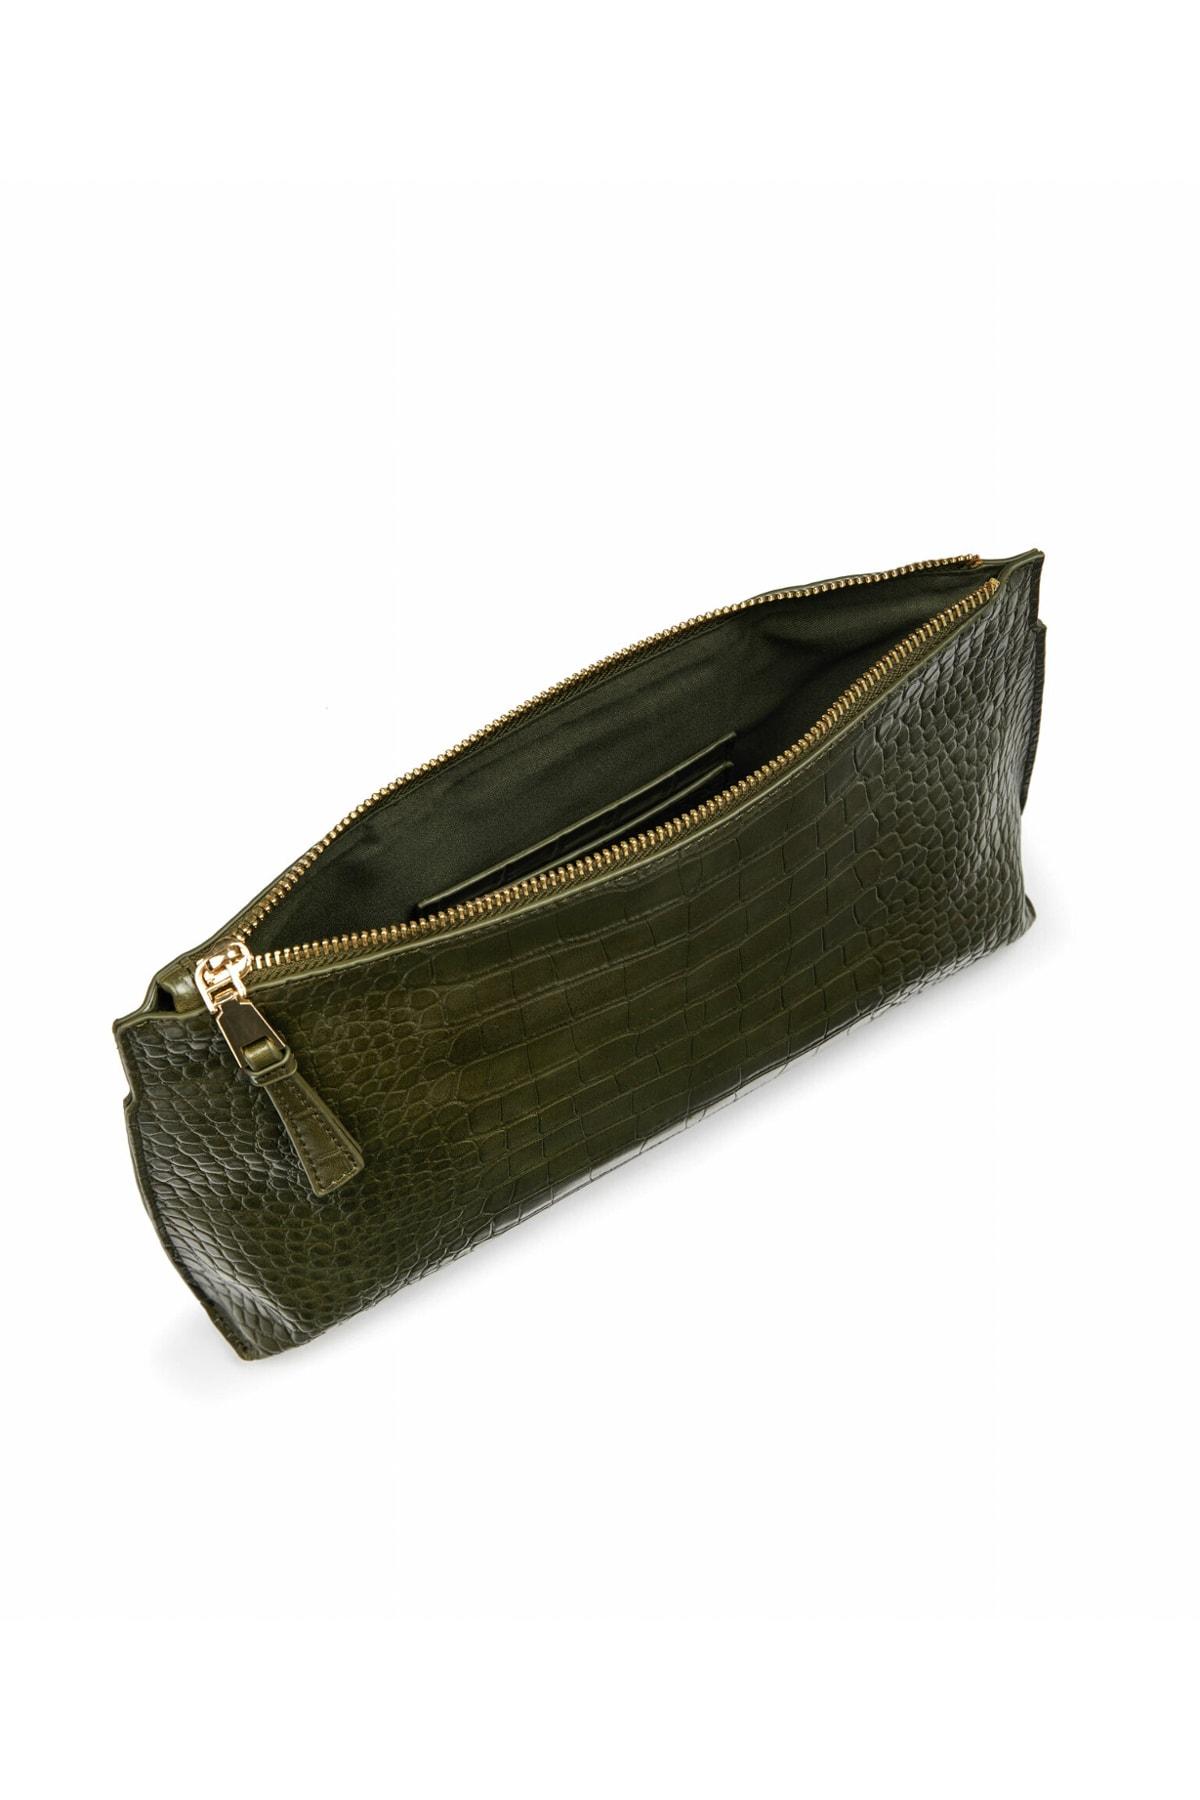 İpekyol Kadın Gri Krokodil desen çanta IW6200052001 2